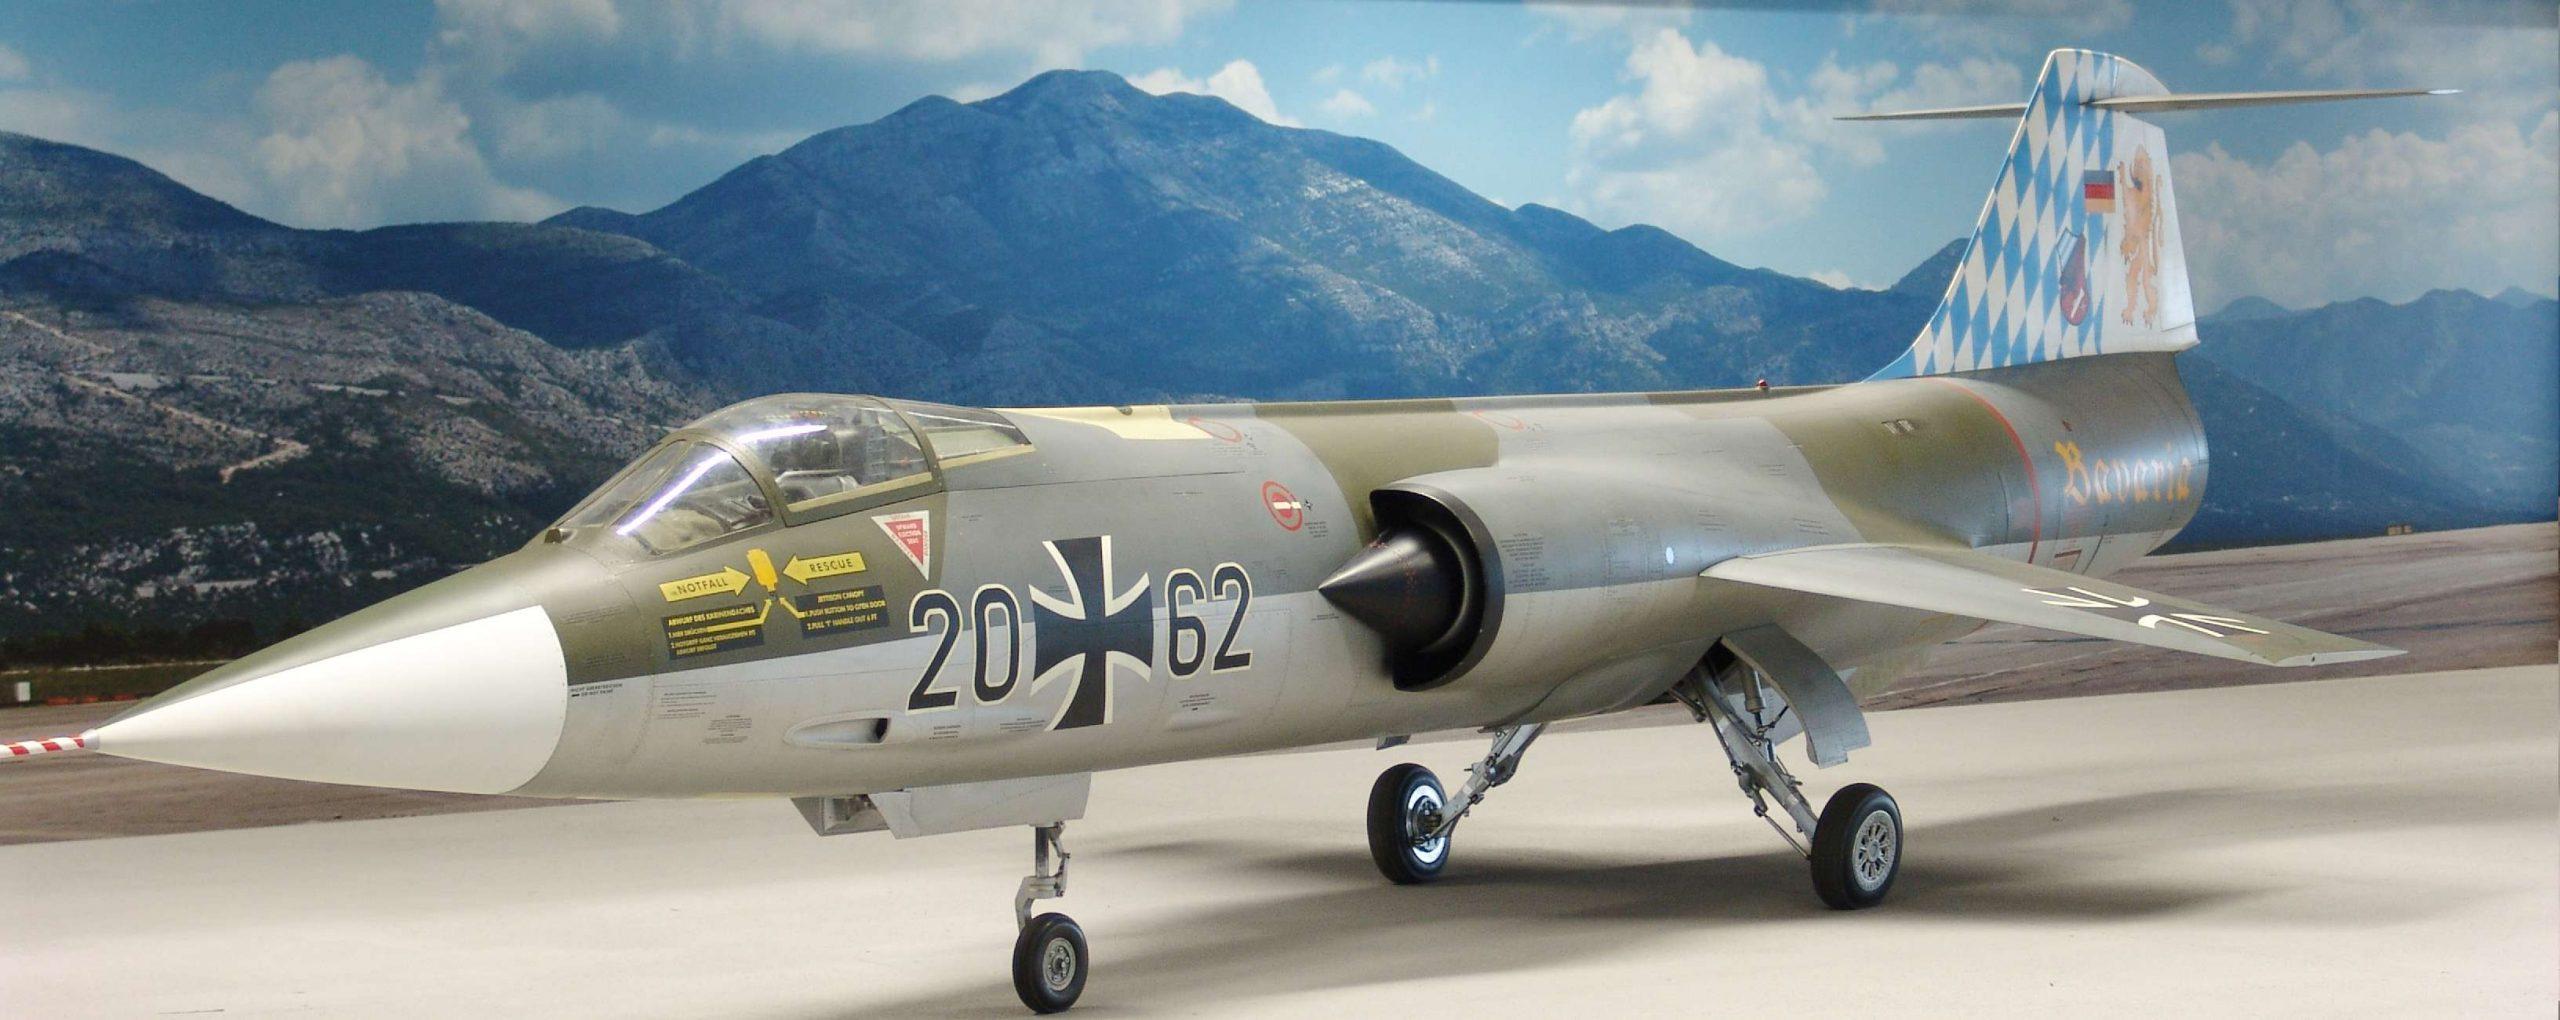 Modellbauservice Warbird Jet und Hubschrauber